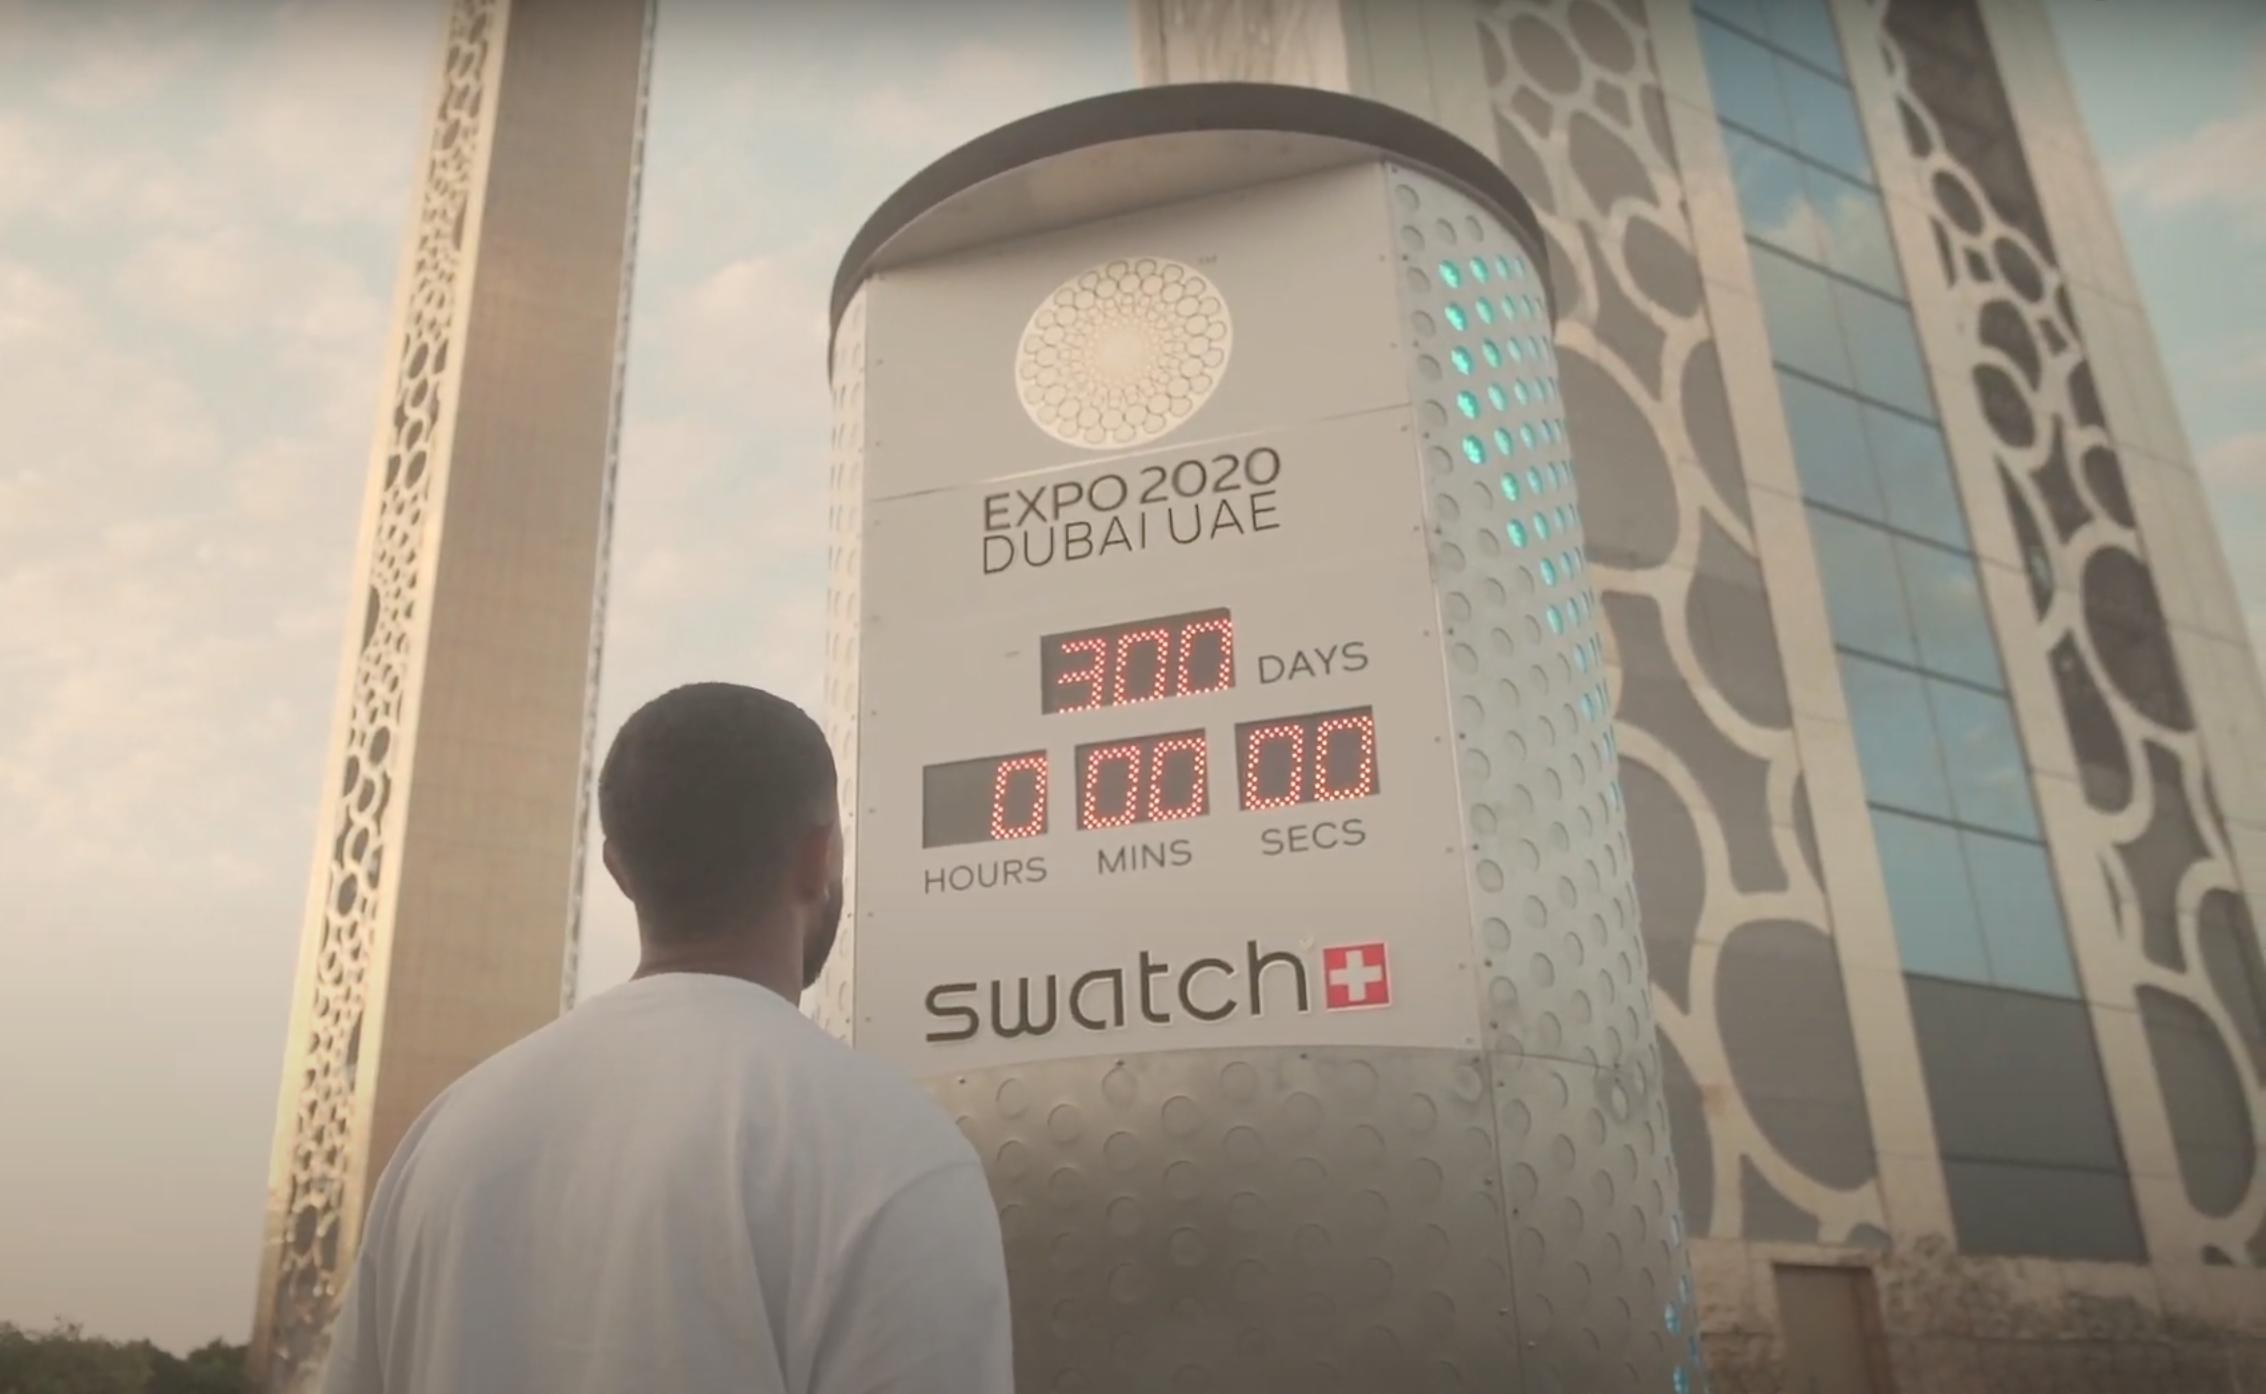 Swatch Expo 2020 Dubai